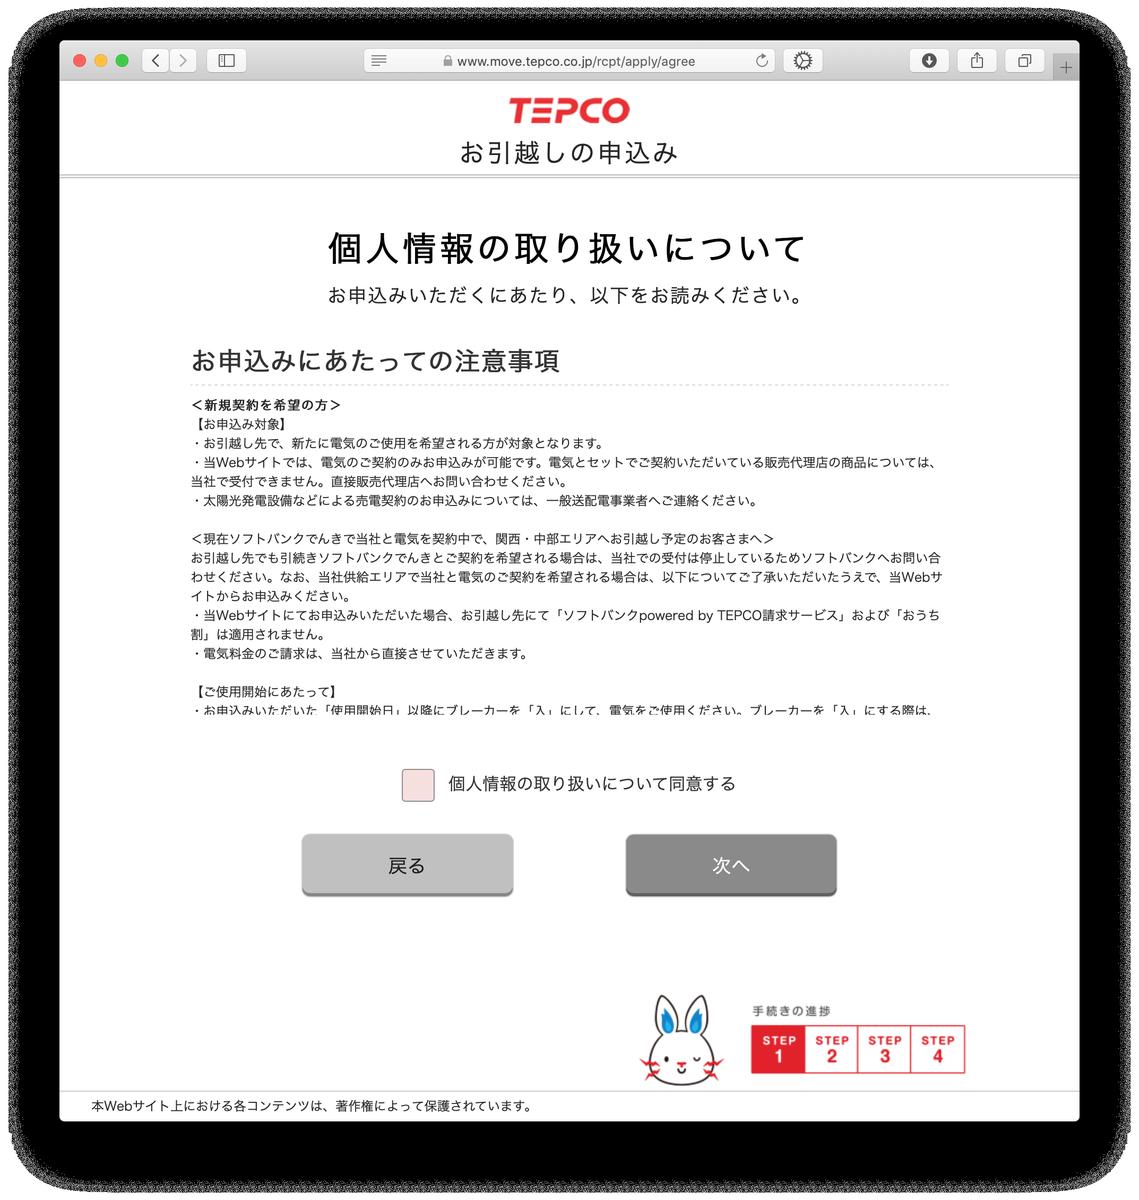 東京 電力 エナジー パートナー 電話 番号